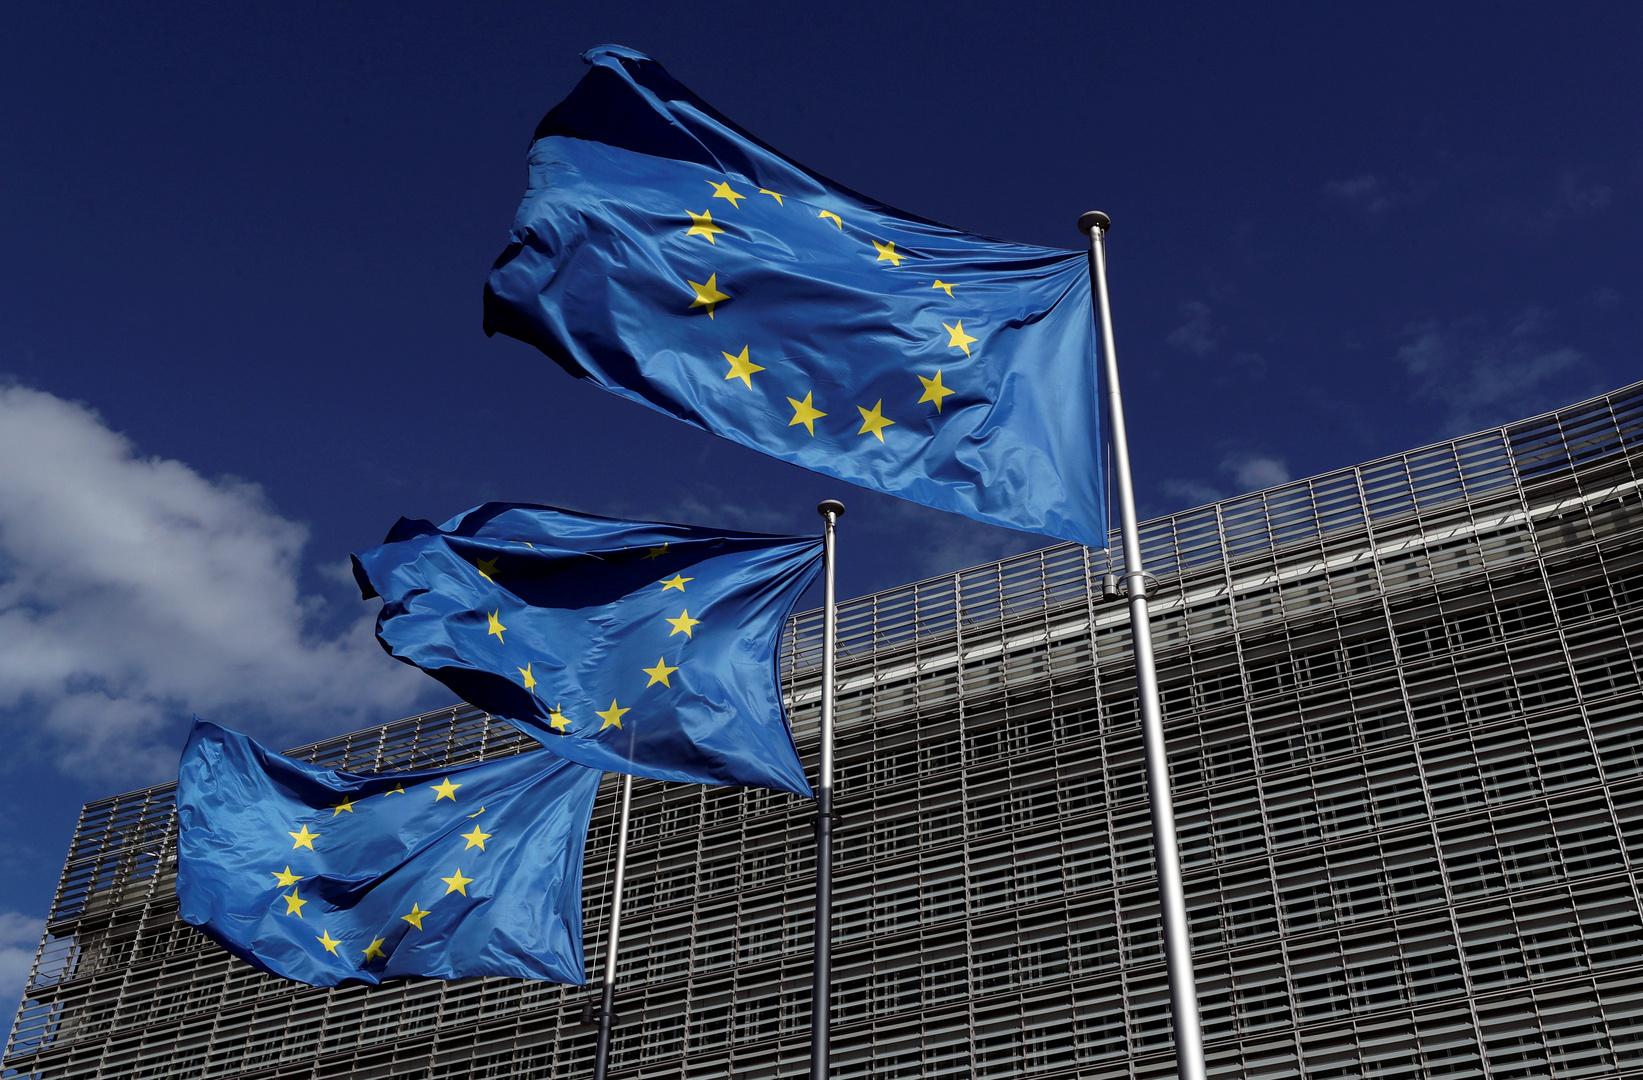 الاتحاد الأوروبي يبدي استعداده للعمل مع إدارة بايدن لتسوية النزاعات التجارية